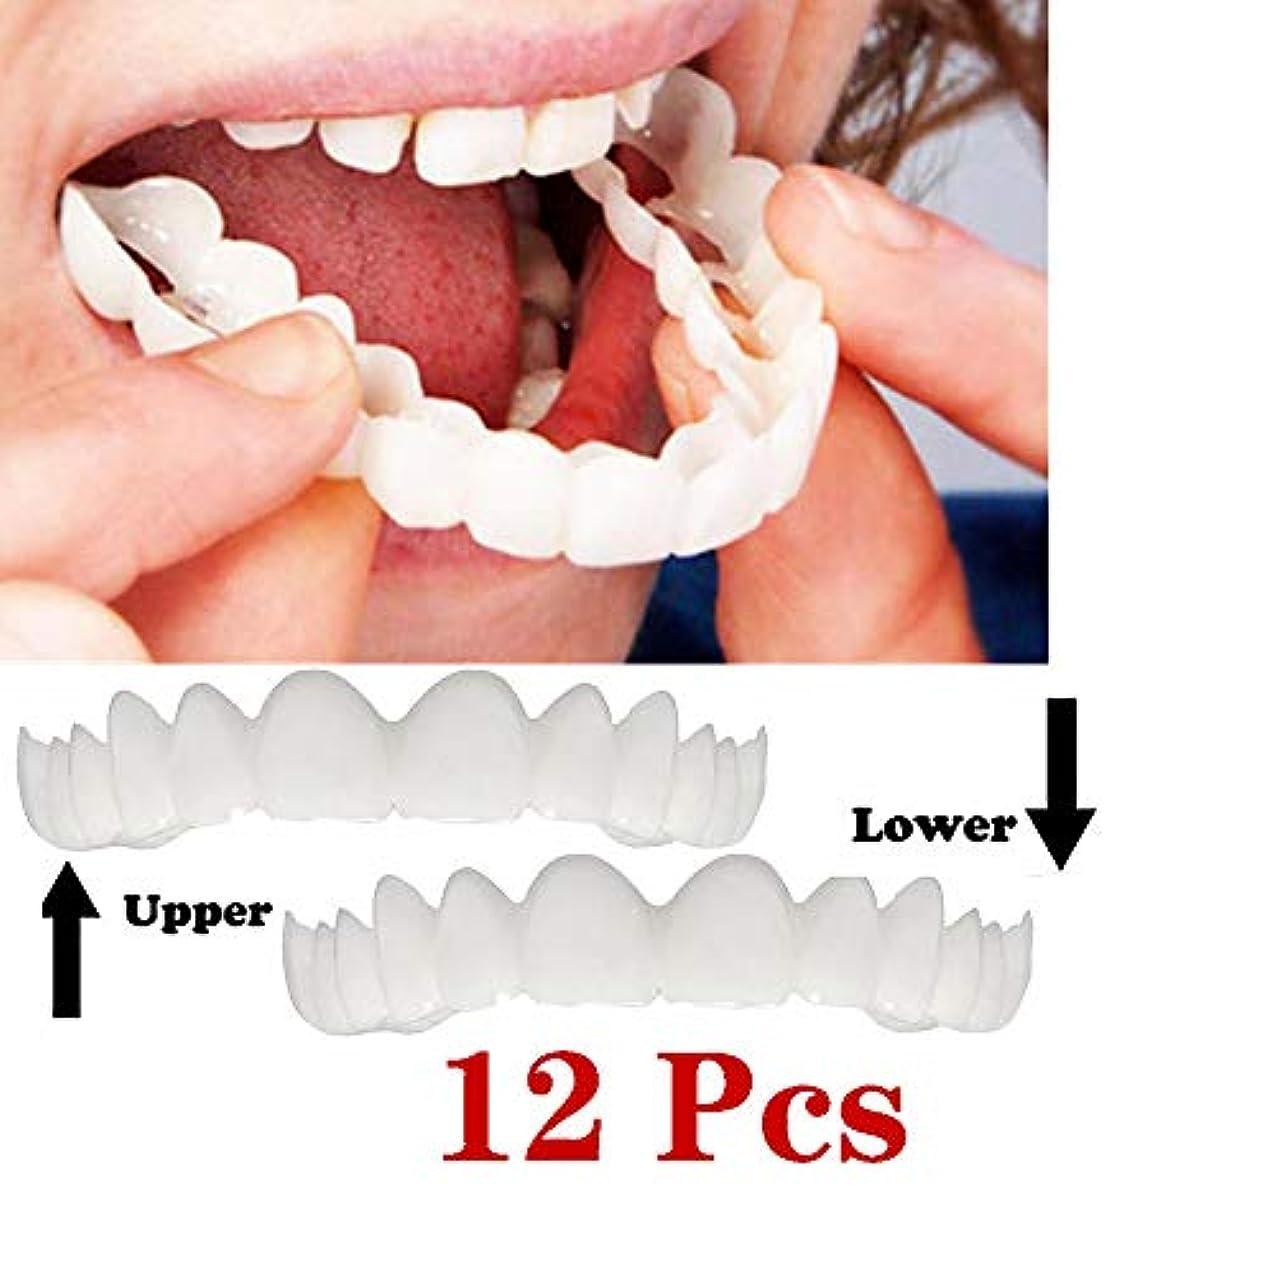 リア王賛美歌り快適な化粧品歯柔軟な義歯一時的な笑顔悪い歯黄色い歯黒い歯ホワイトニング義歯ケアブレース - 6セット(下+上)